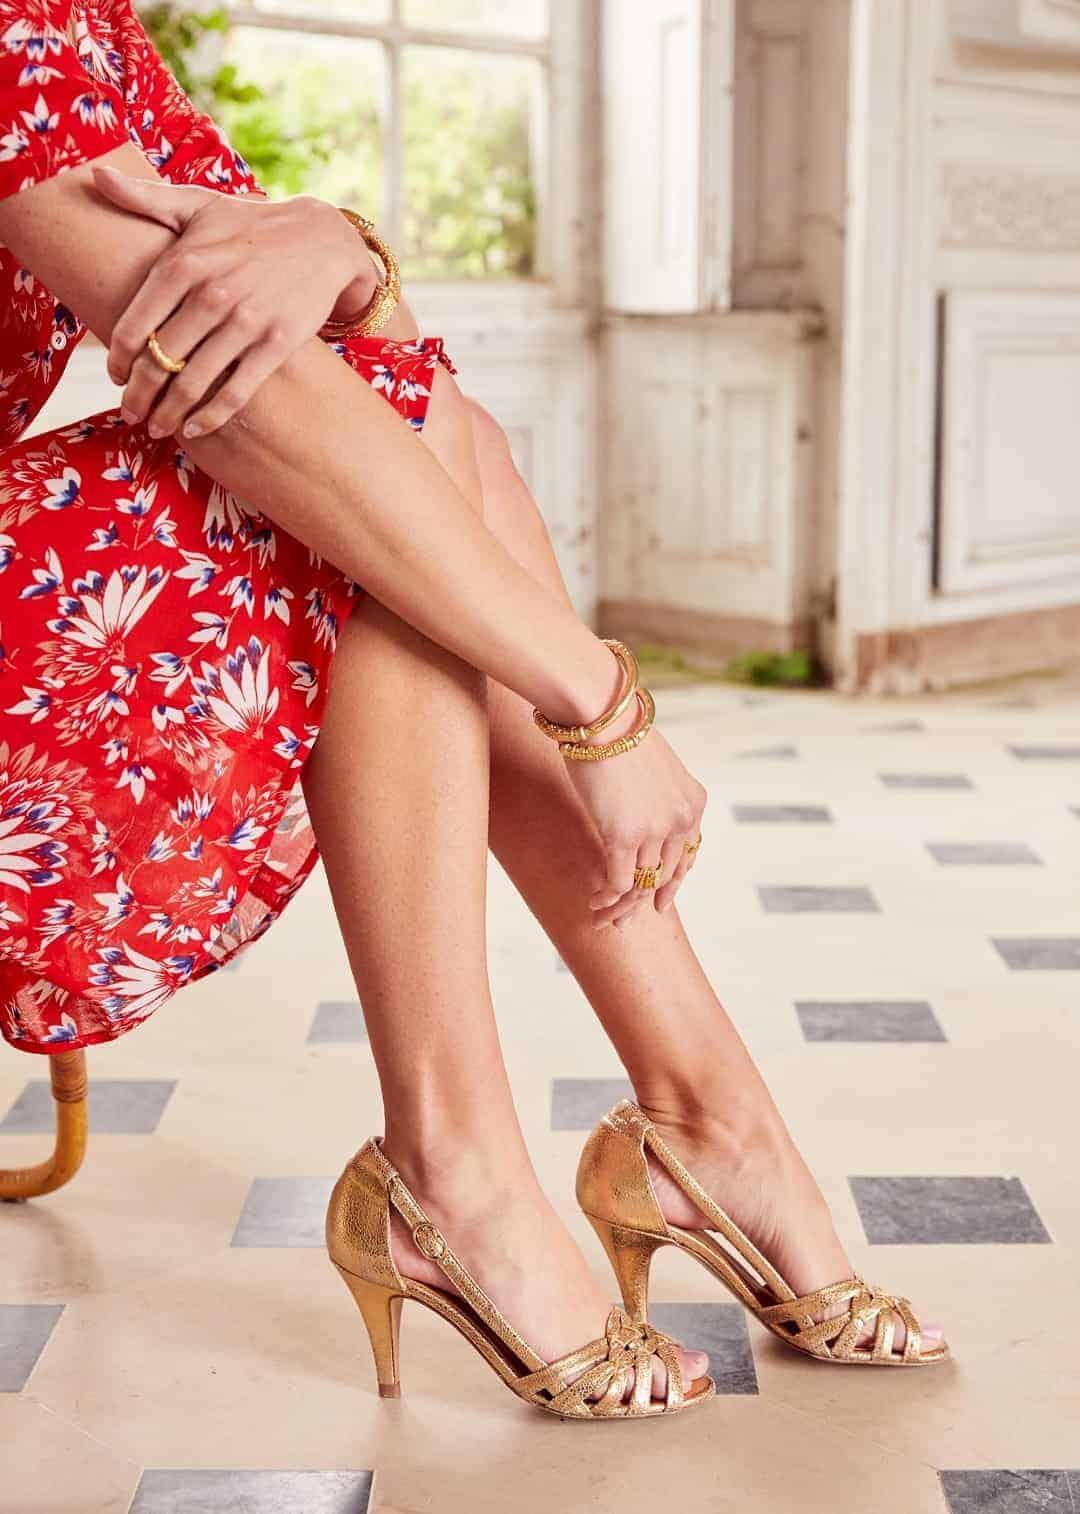 comment porter des escarpins dorés, avec quoi porter des baskets dorées, quoi porter avec une robe dorée, quelle couleur avec le doré, robe dorée quelle chaussure, accessoires robe doree, chaussures pour robe dorée, la couleur qui va avec le dore